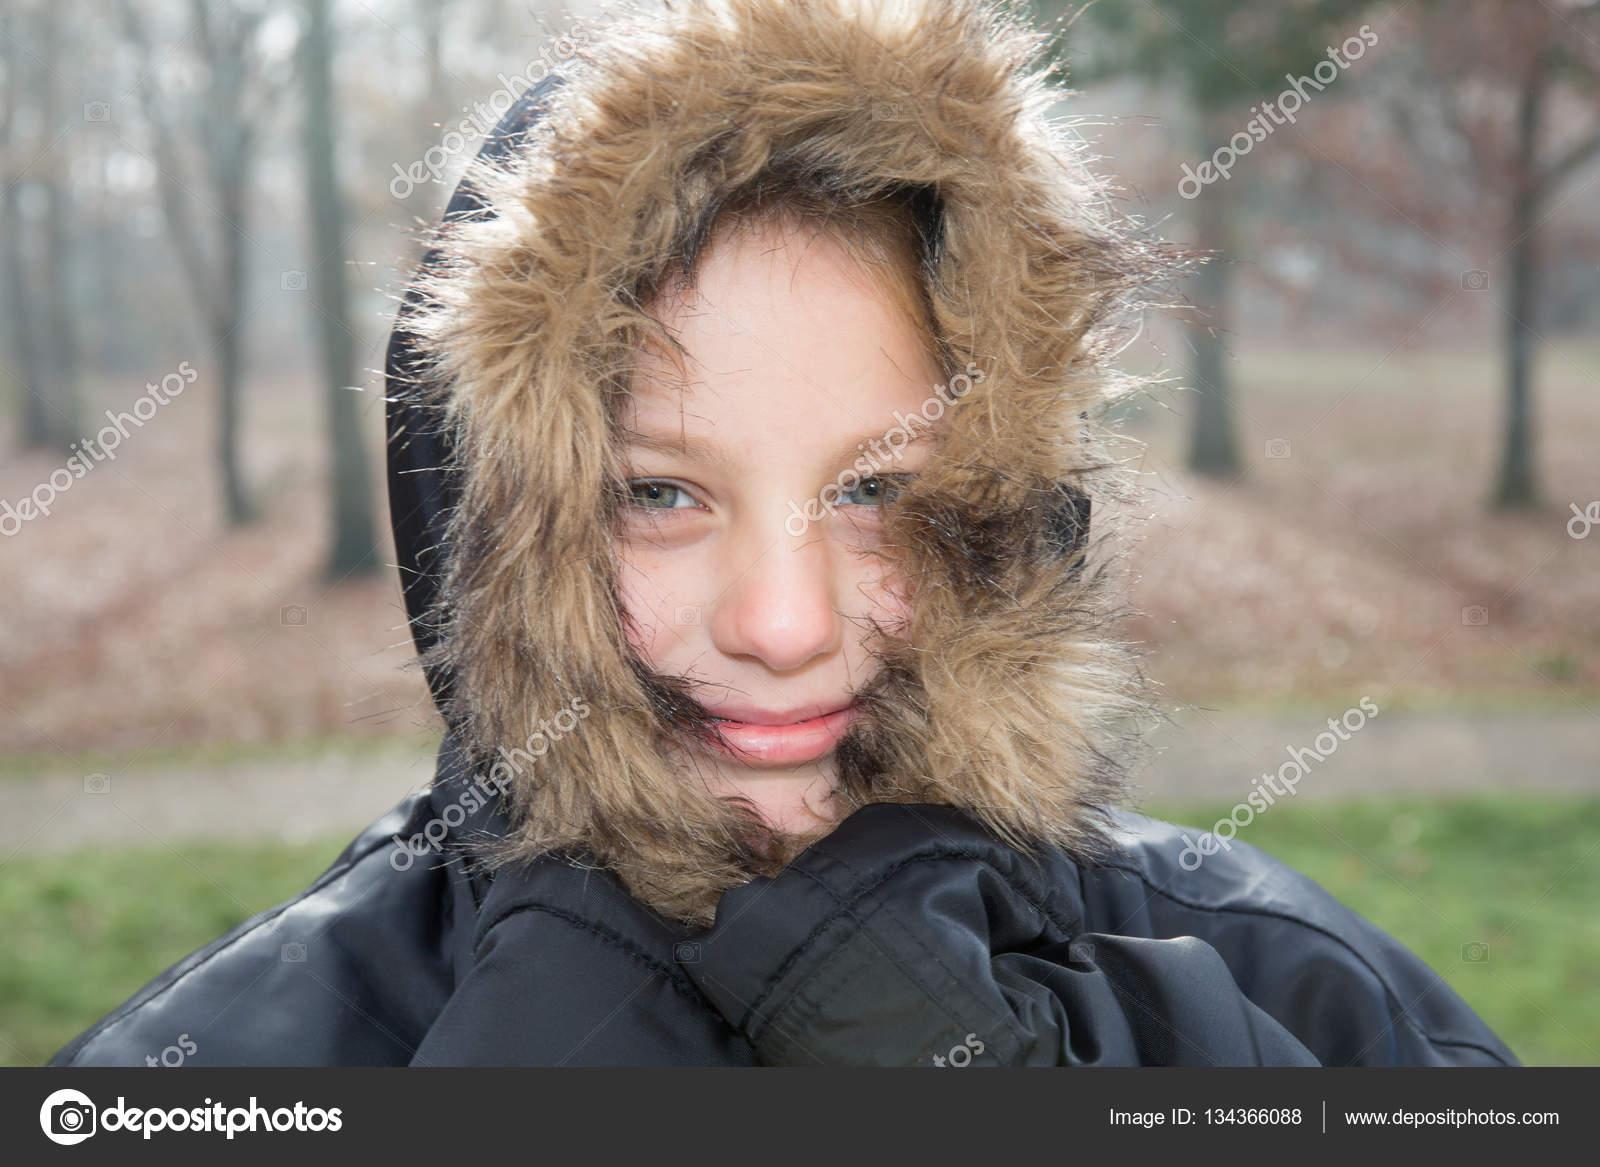 linda chica en invierno al aire libre con chaqueta negra eb1902e9072